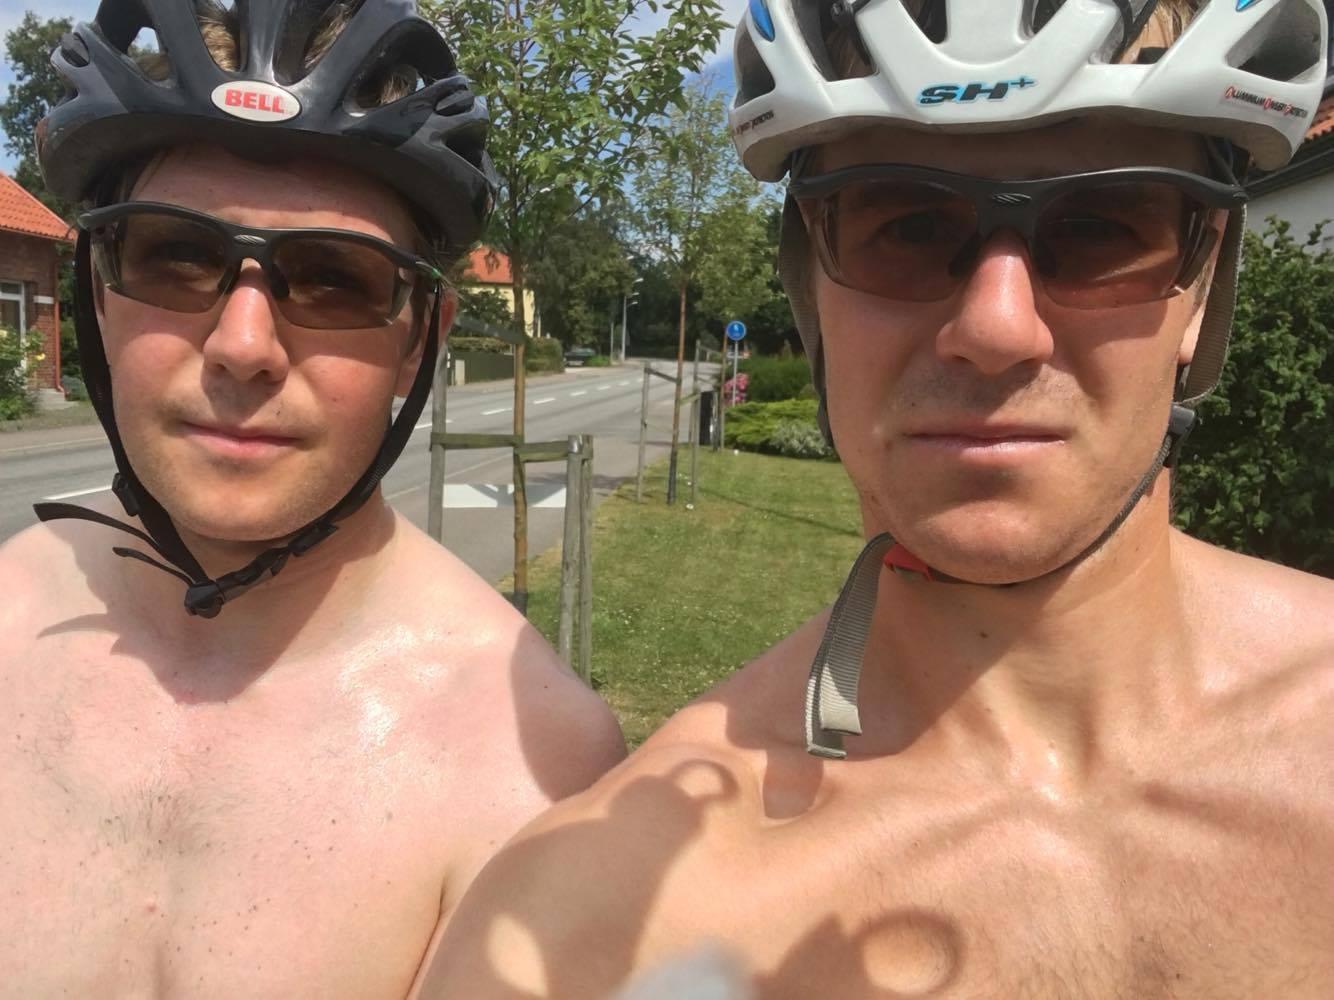 Bröderna Andersson var ute och stakade på Österlen, den ene mer vitare och fetare än den andre.